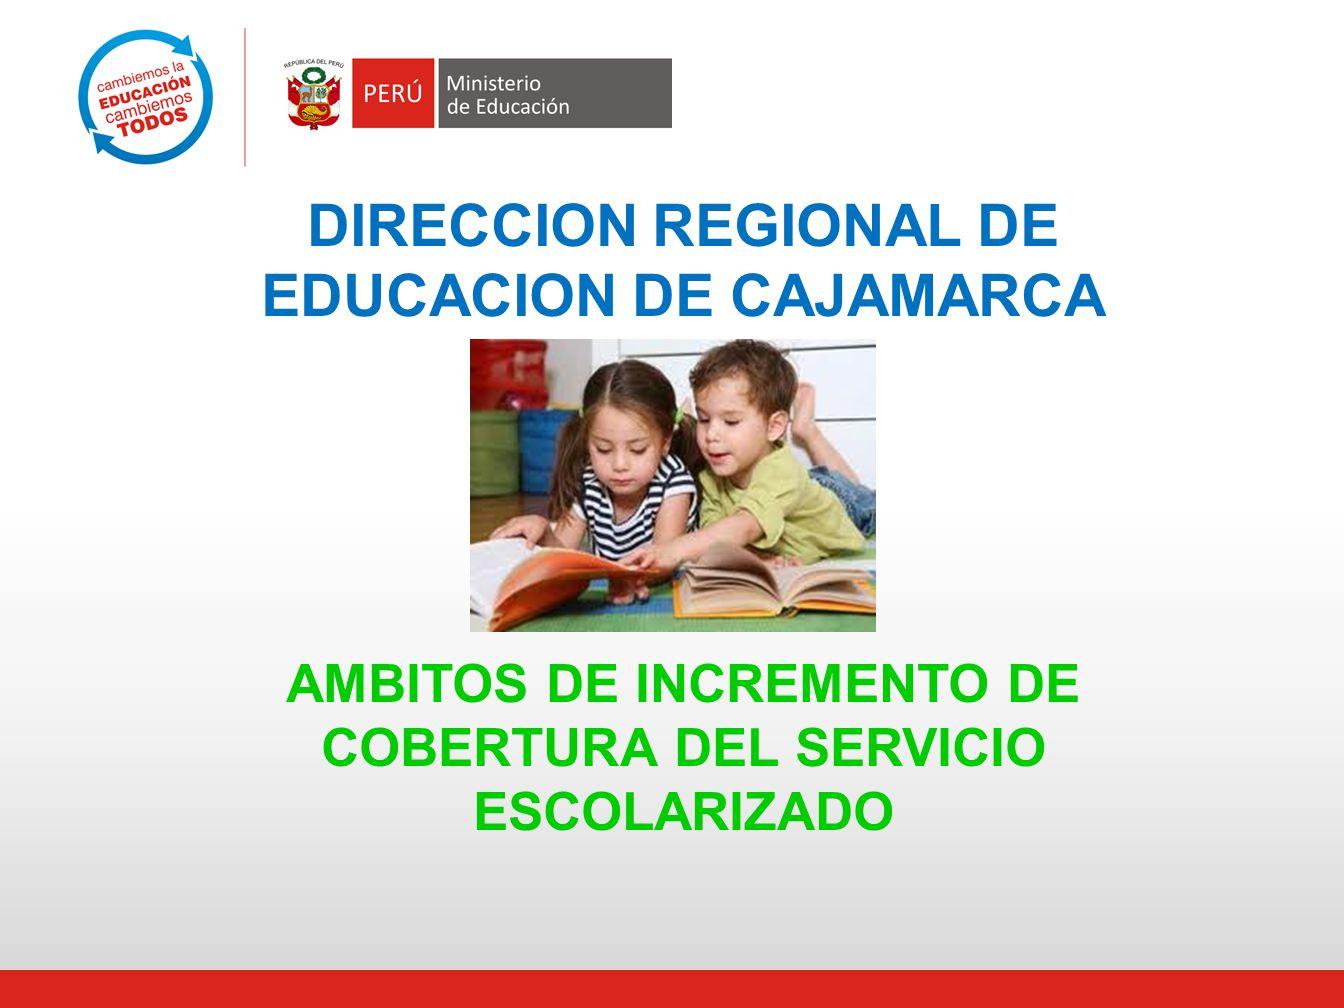 DIRECCION REGIONAL DE EDUCACION DE CAJAMARCA AMBITOS DE INCREMENTO DE COBERTURA DEL SERVICIO ESCOLARIZADO